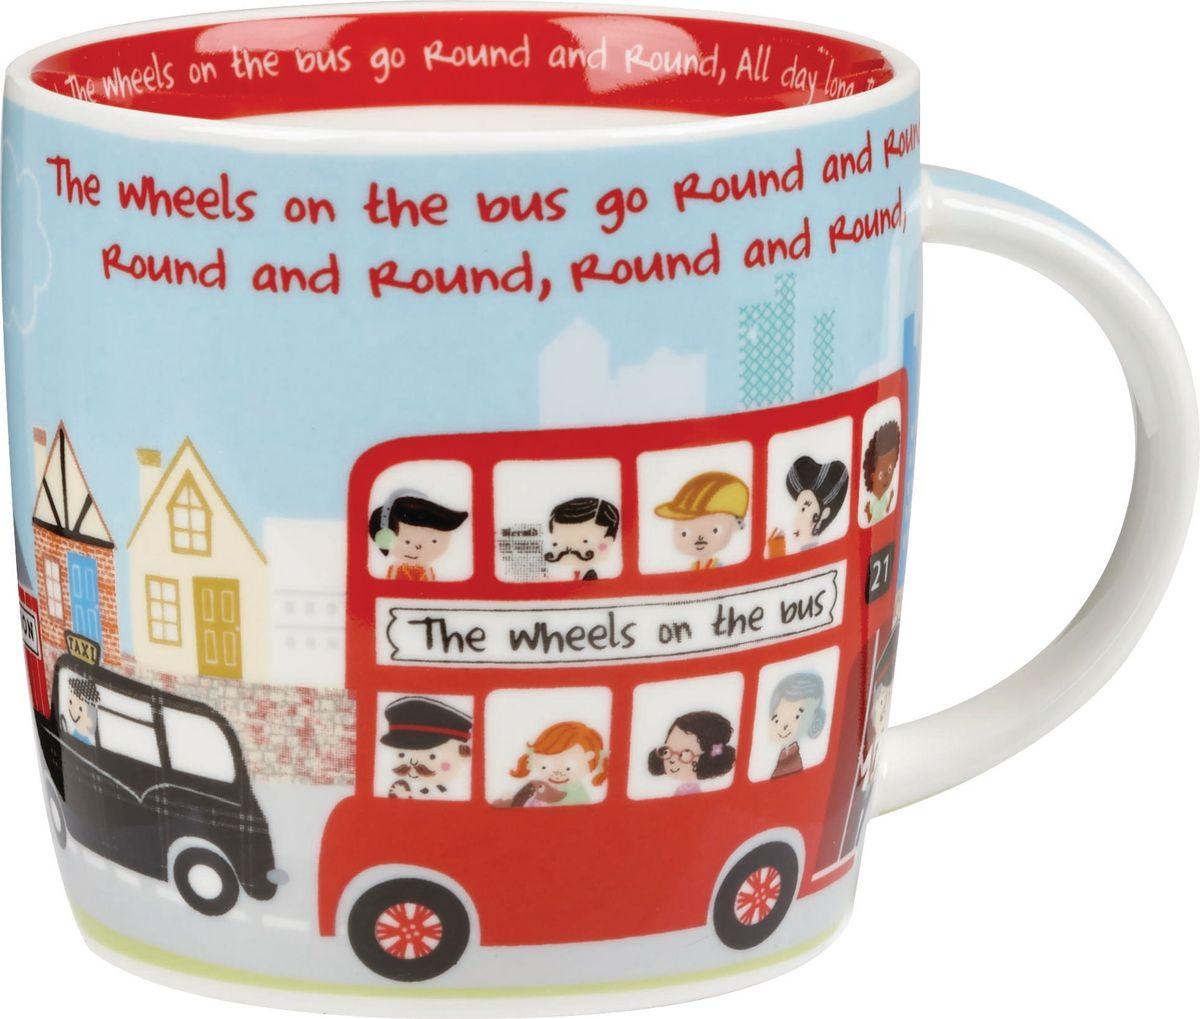 Кружка Churchill Автобус, 284 мл churchill кружка автобус 0 284 в подарочной коробке whee00021 churchill